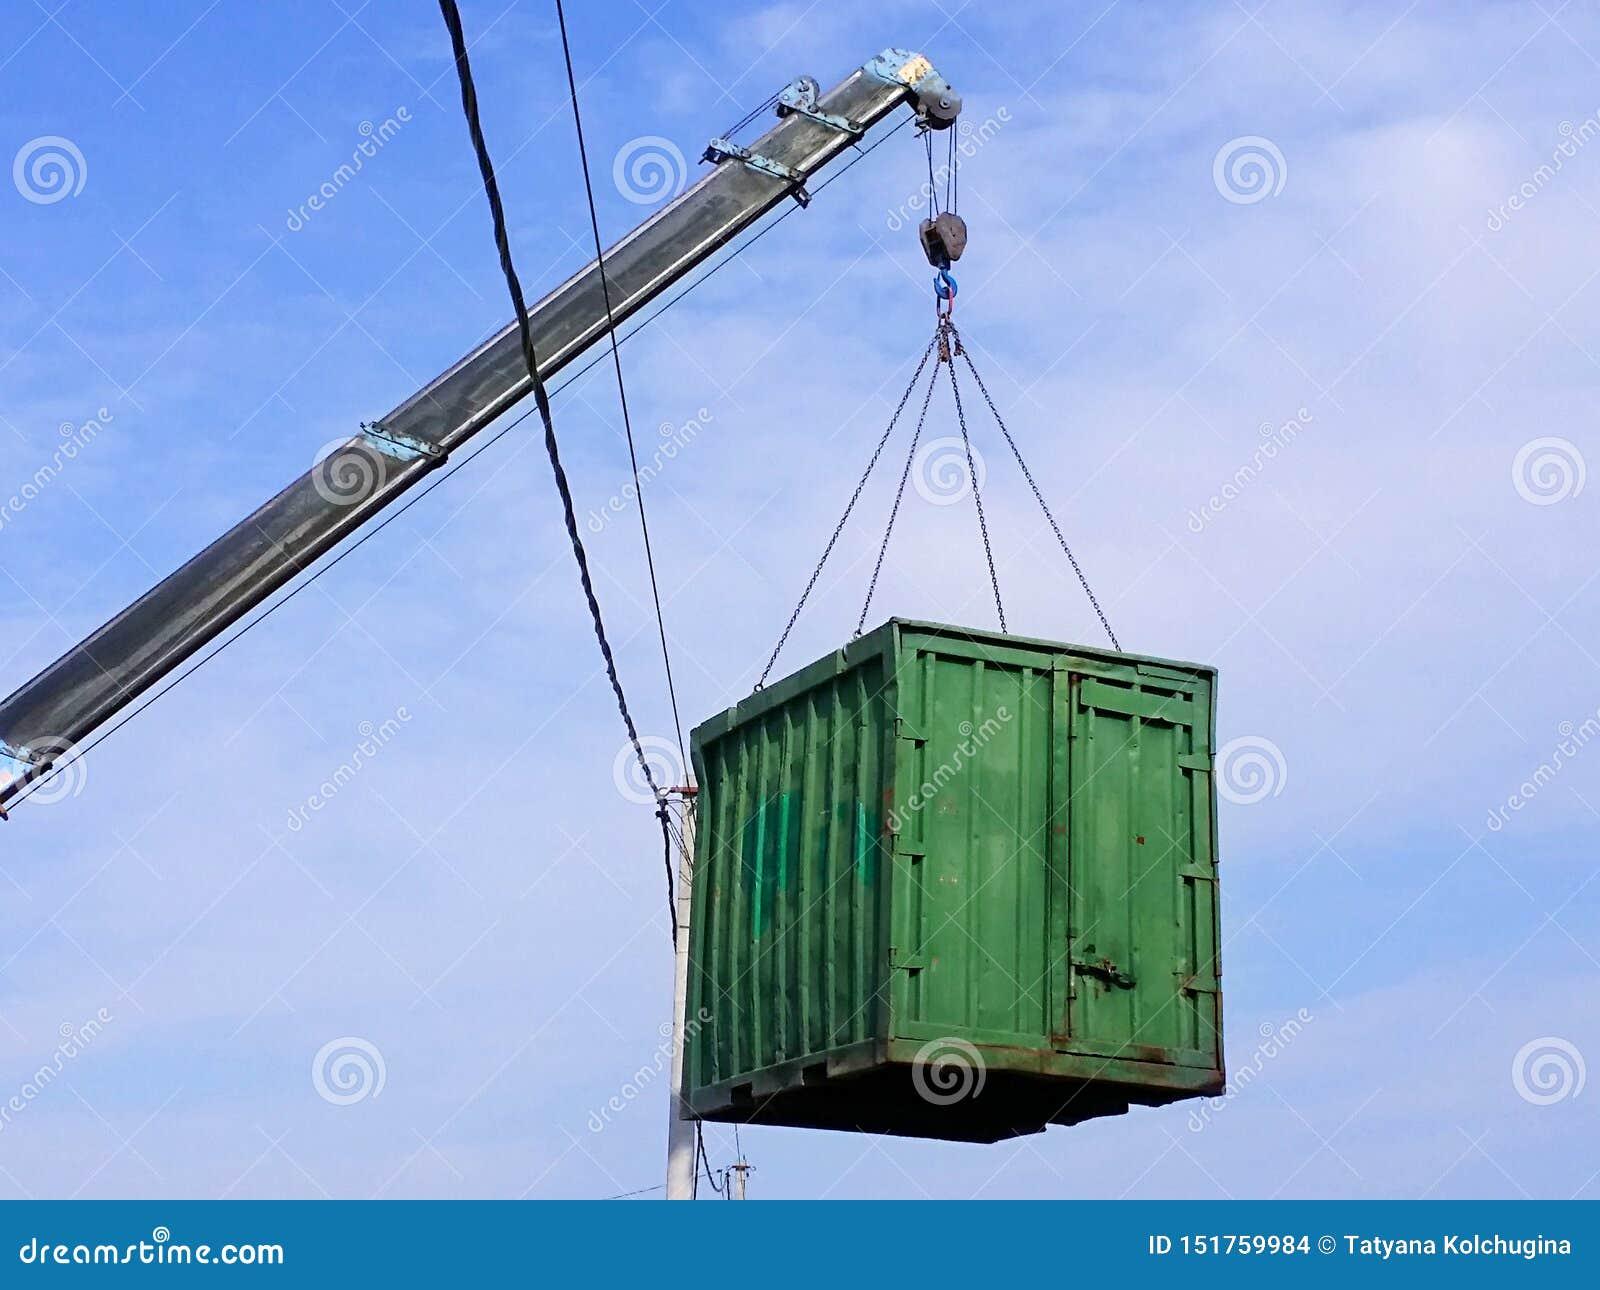 Серое заграждение с голубым крюком грузового контейнера зеленого цвета подъема манипулятора тележки вверх